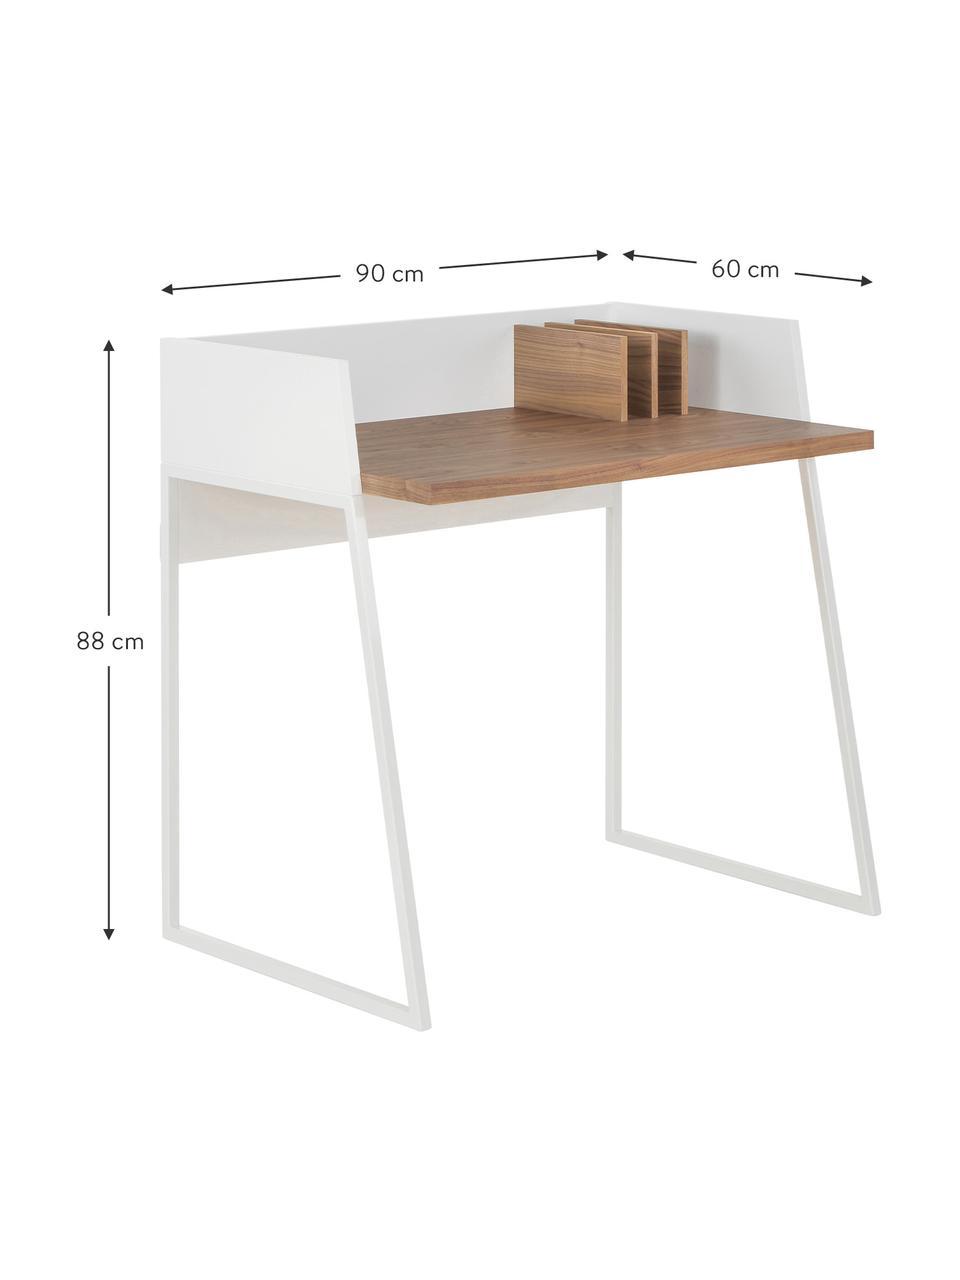 Kleiner Schreibtisch Camille mit Ablage, Beine: Metall, lackiert, Walnussholz, Weiß, B 90 x T 60 cm